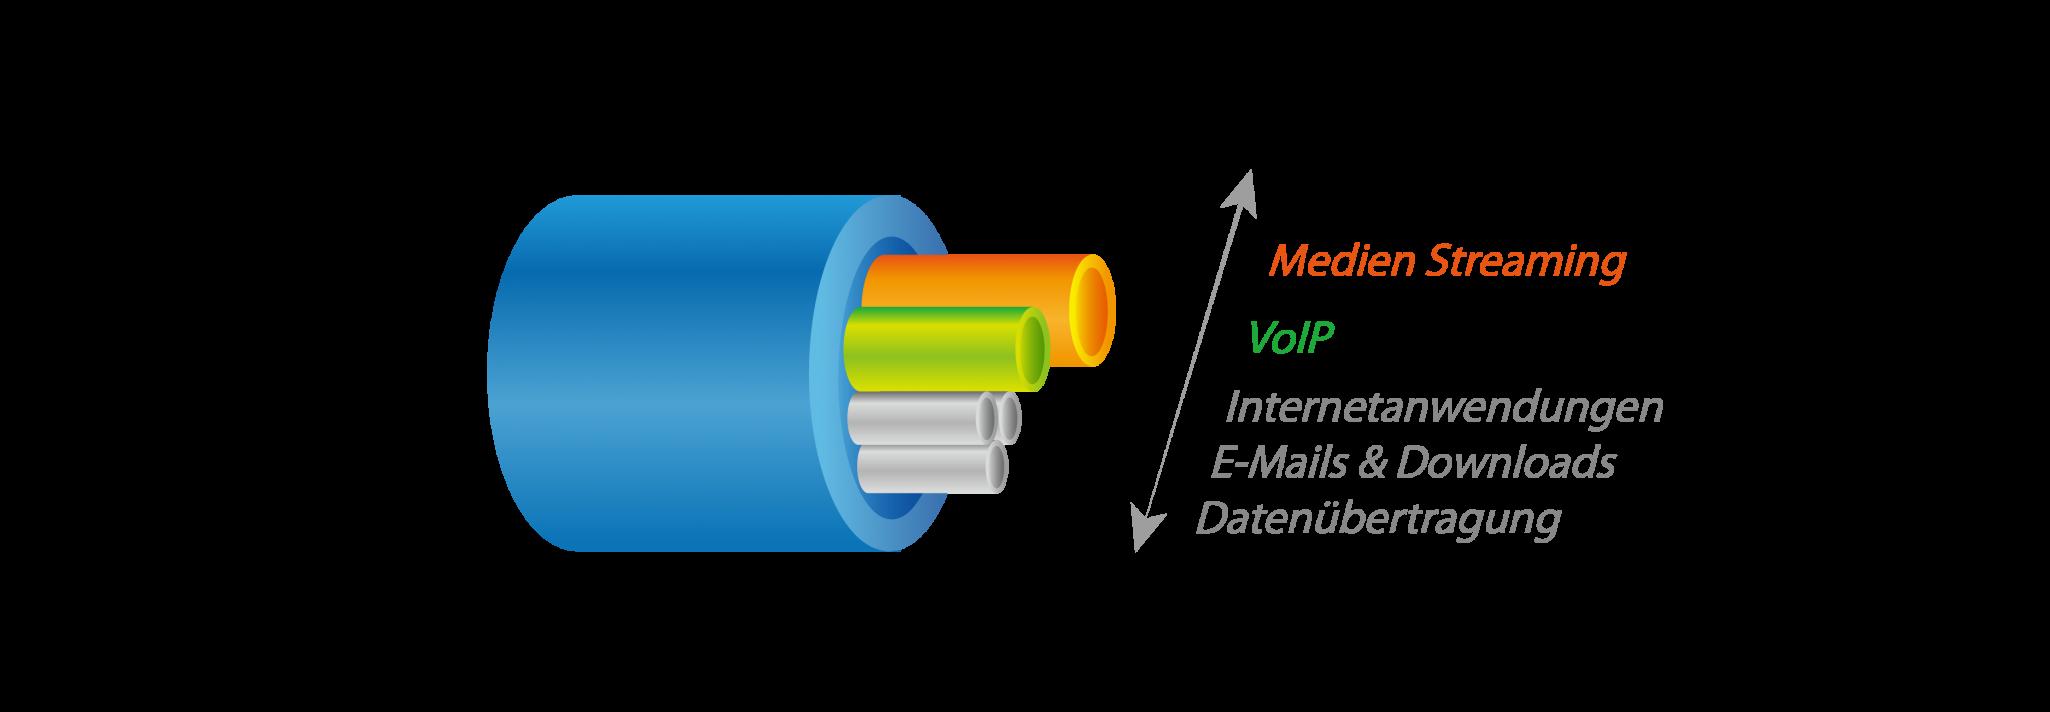 8-Port Fast-Ethernet Switch mit 4 PoE+ Anschlüssen und DIP-Schalter ...